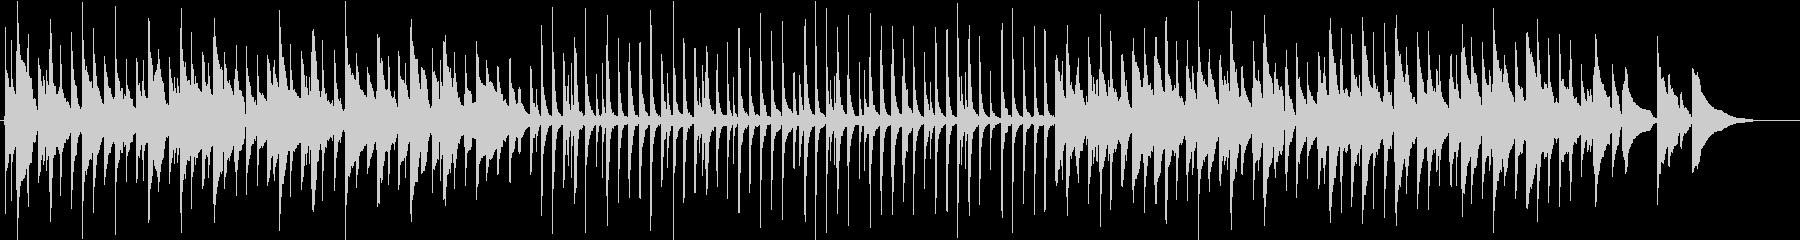 アメイジング・グレイス アコギ生演奏の未再生の波形